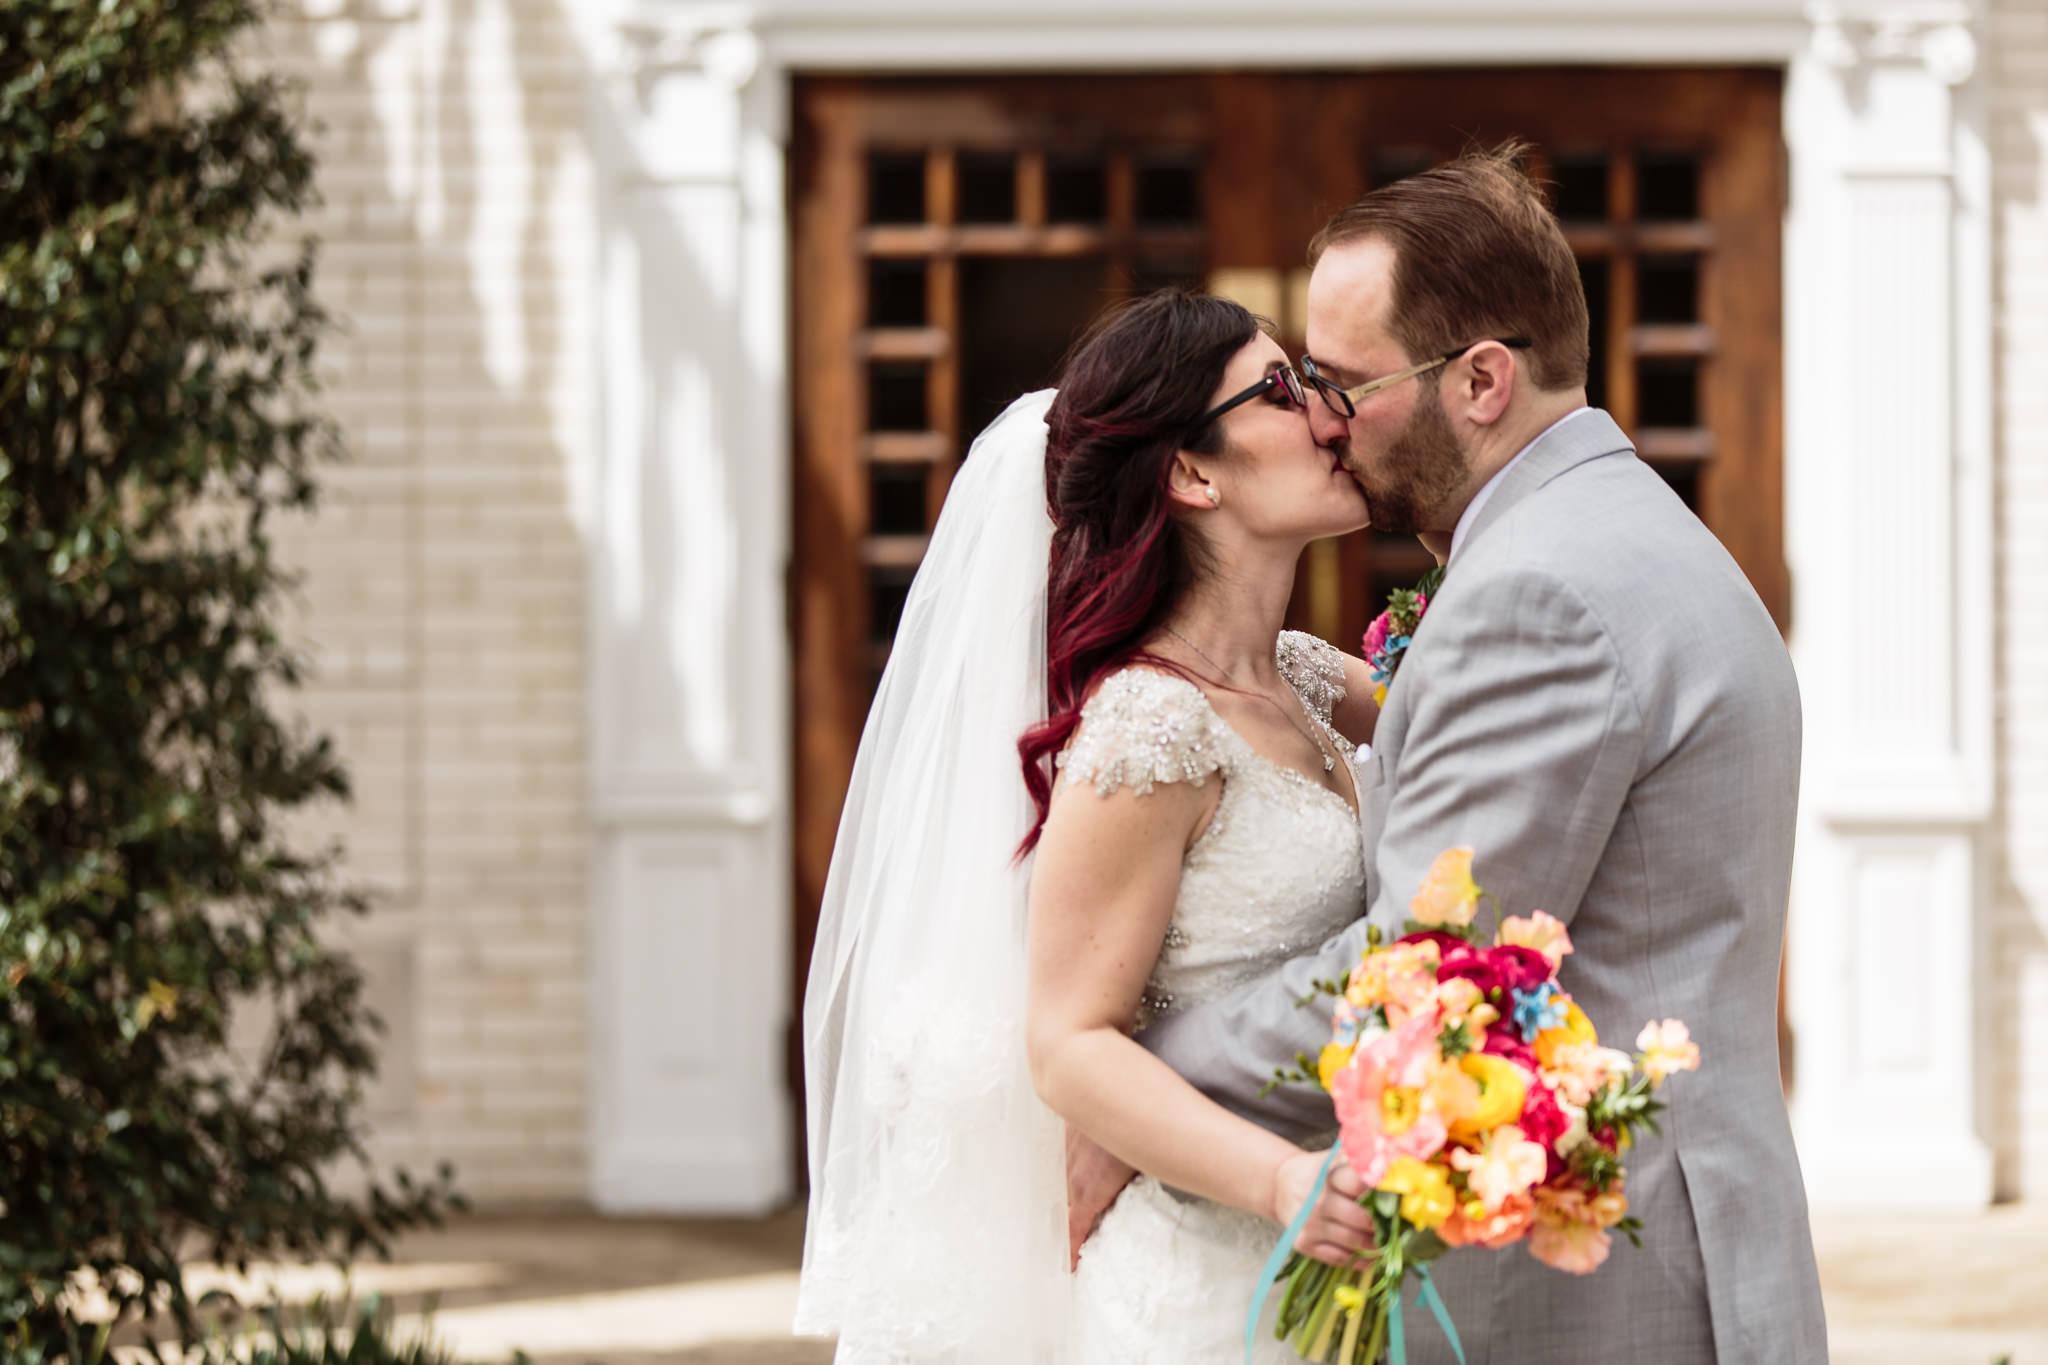 Hanchar_Madison_Hotel_NJ_Wedding_GDM_7841-Edit.jpg